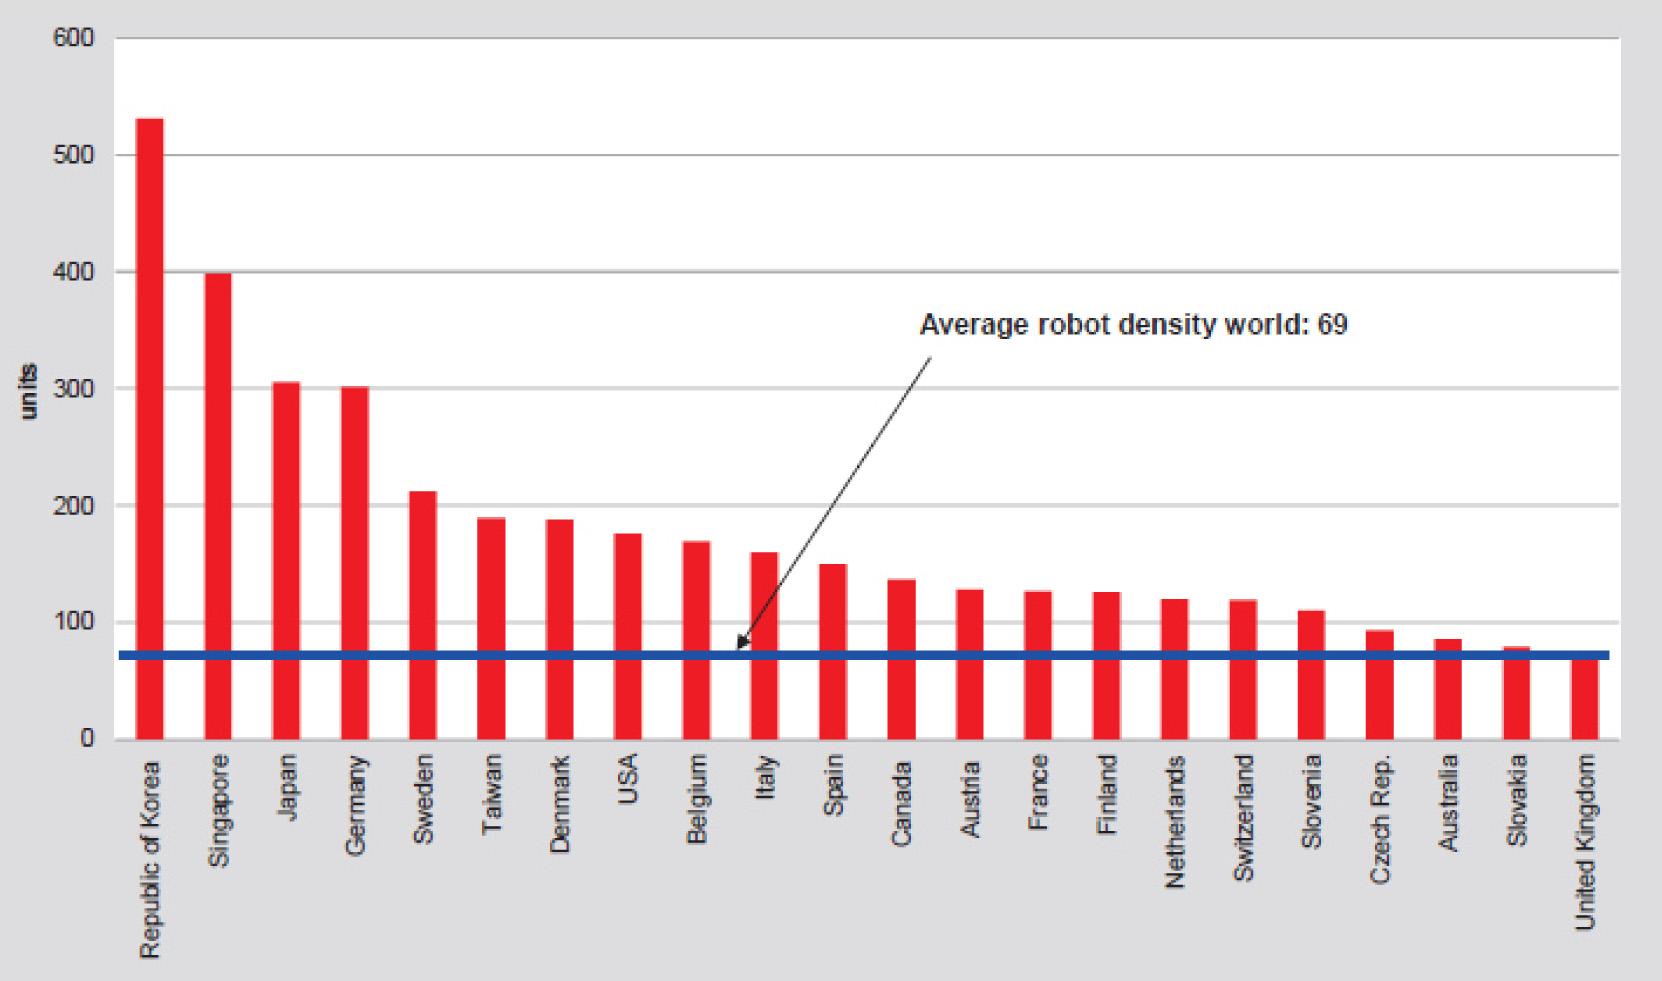 IFR: Asien installiert 70% mehr Industrieroboter